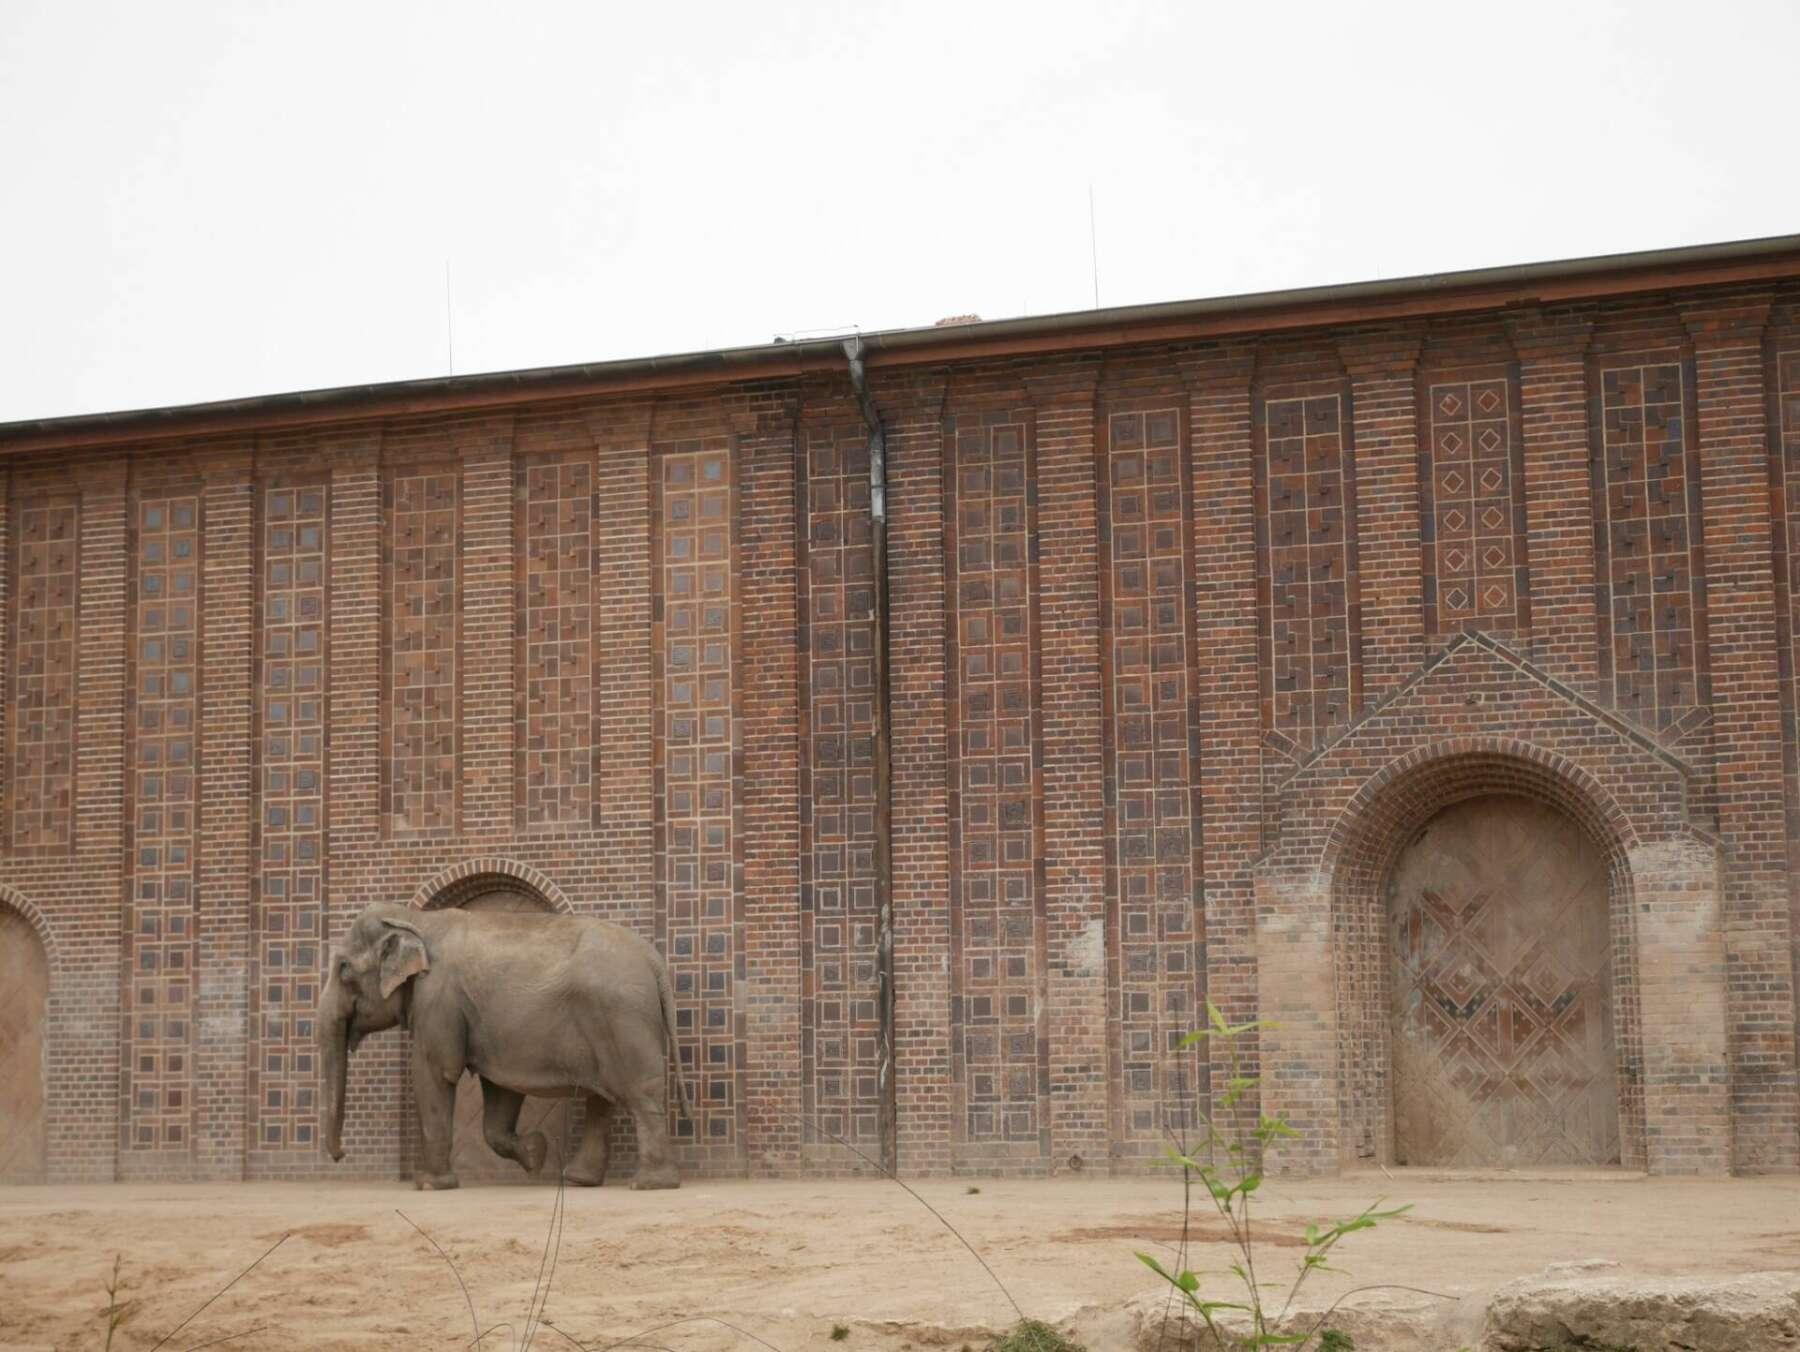 สวนสัตว์ไลพ์ซิช (Zoo Leipzig)